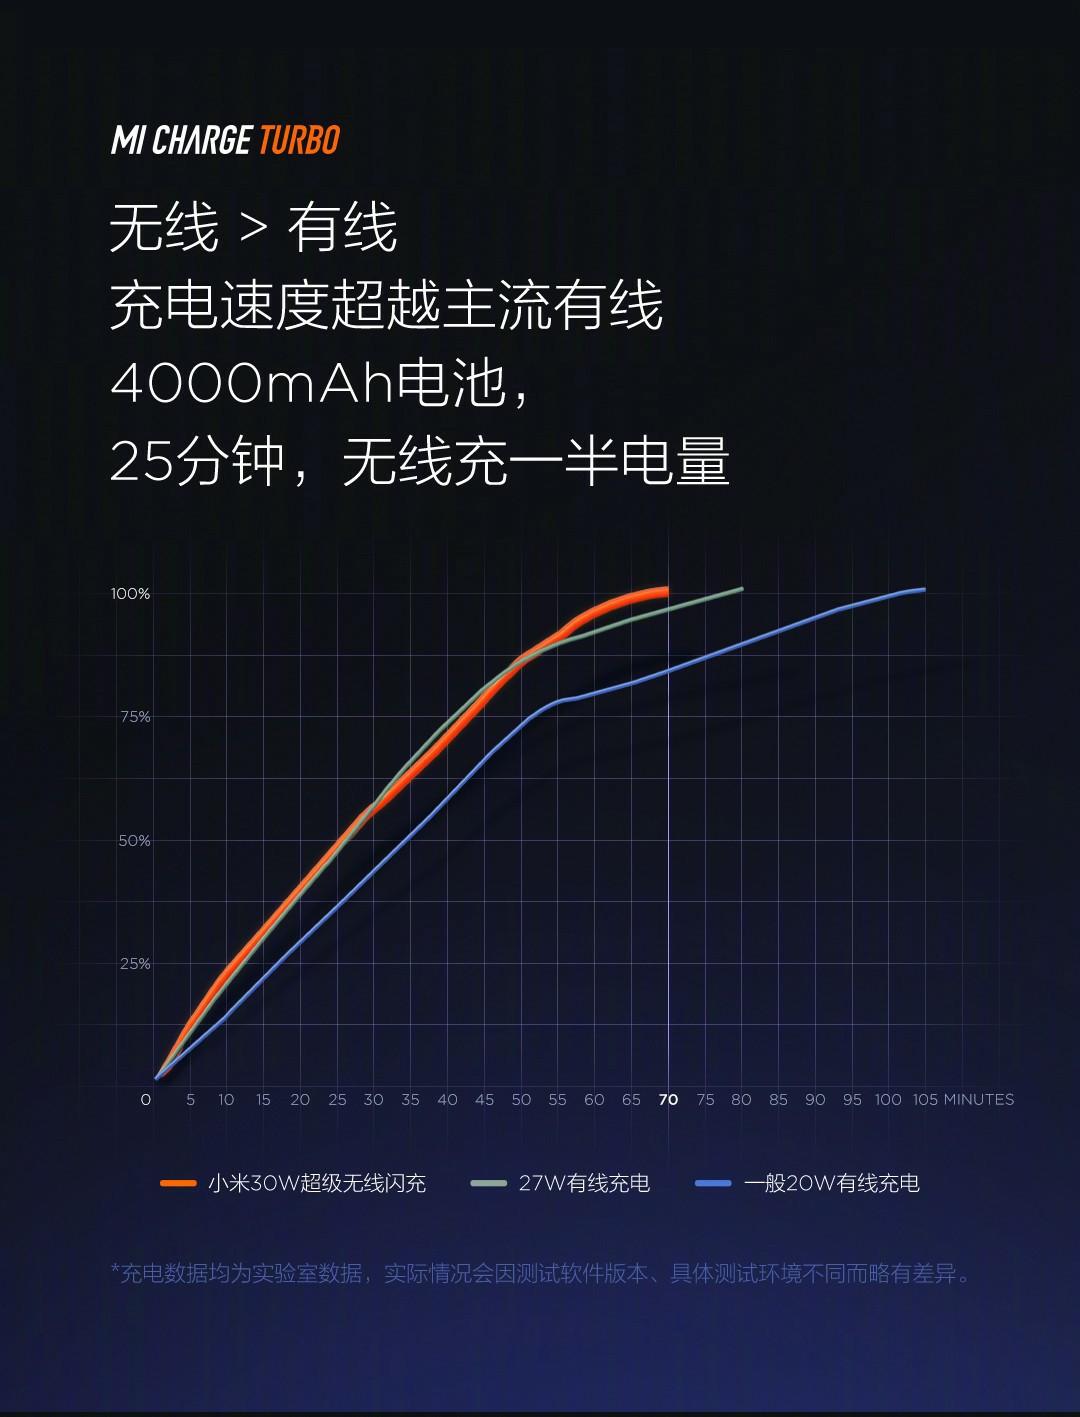 MI CHARGE TURBO, xiaomi 40w wireless charger, 30w